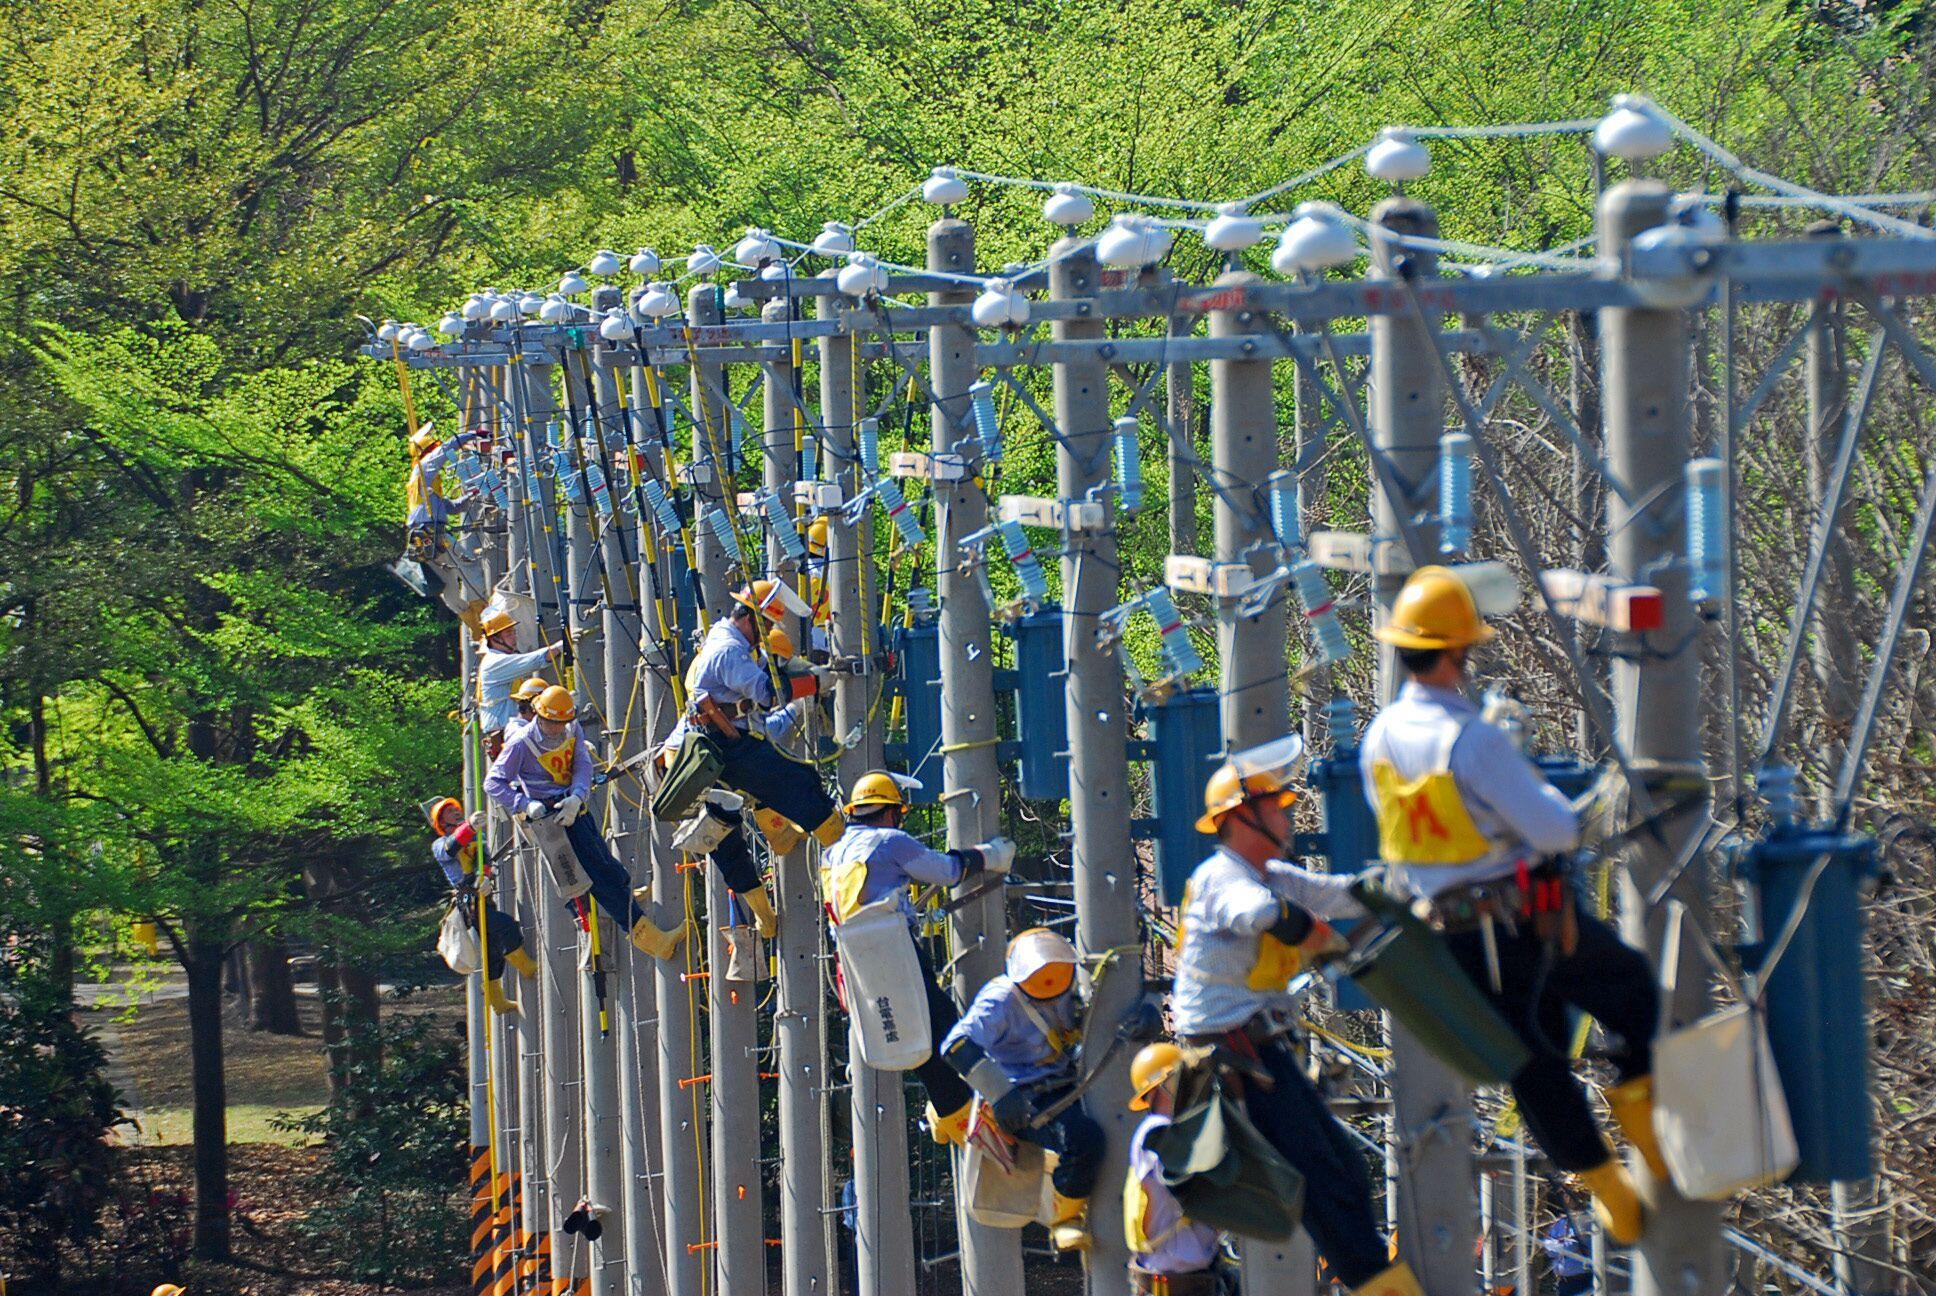 台電雇員招考 明年舉辦2次考試